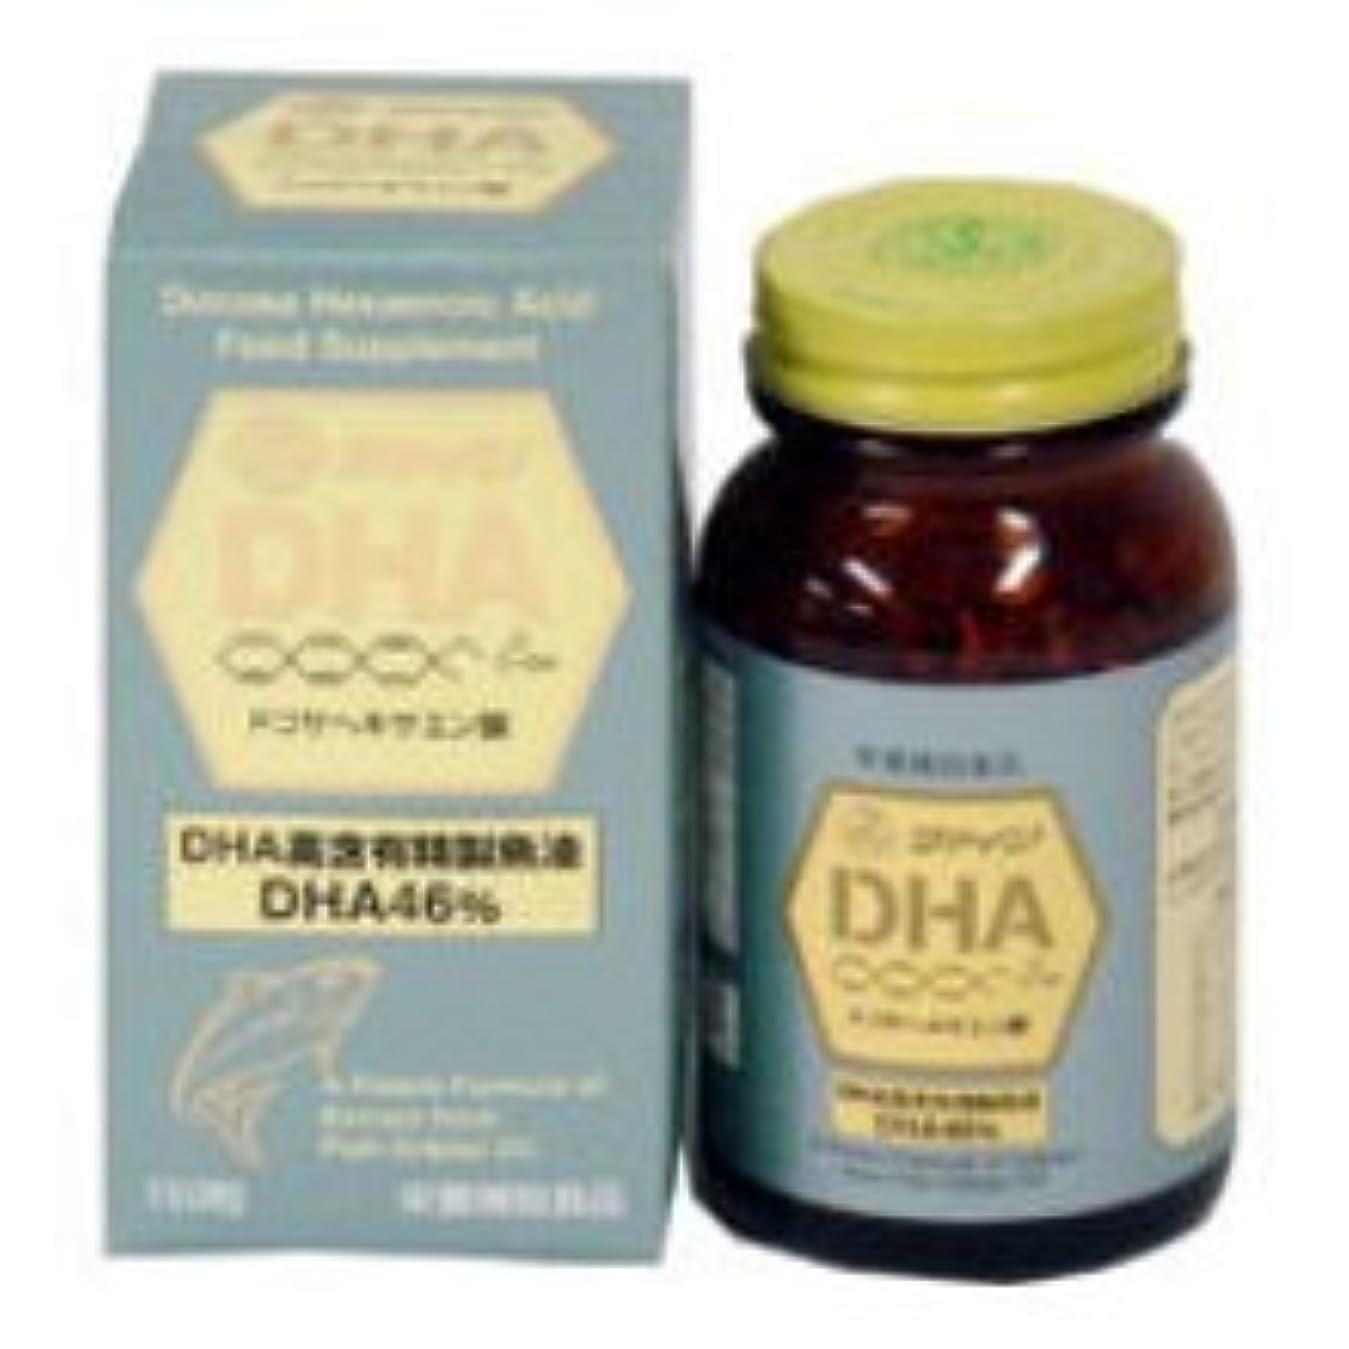 おしゃれなディンカルビル当社DHA 150粒(約30~50日分)